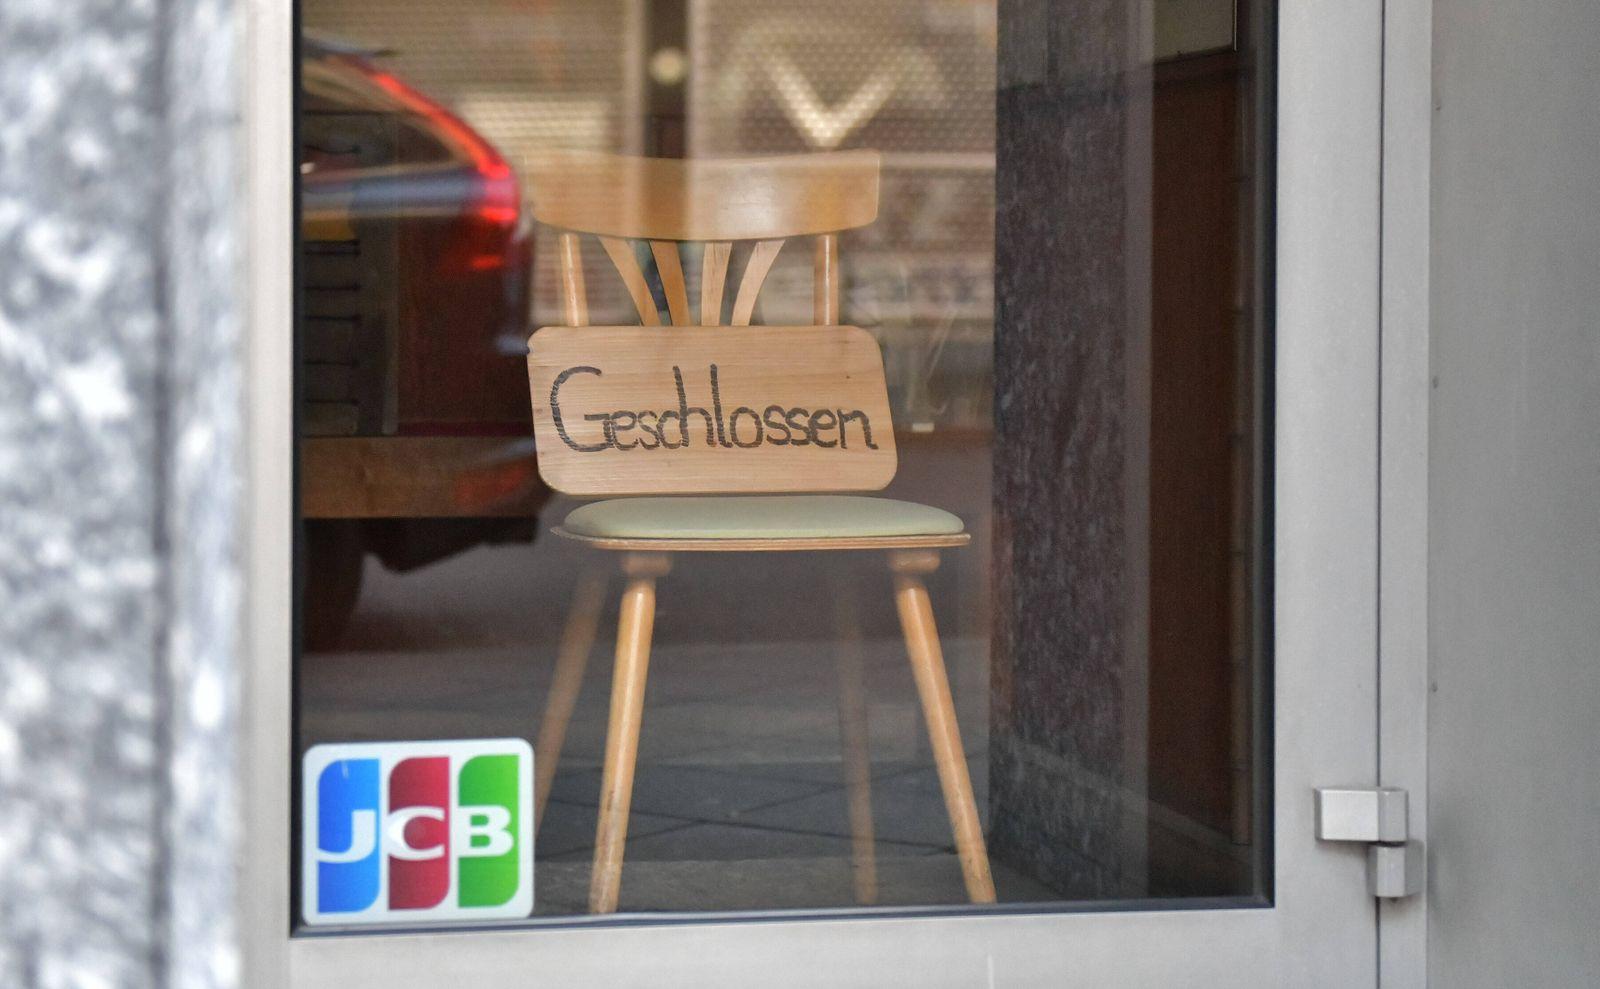 xblx, Ladenschliessung, verschlossenes Geschäft, mit einem Stuhl in der Tür, Schild GESCHLOSSEN, emwirt Frankfurt am Ma